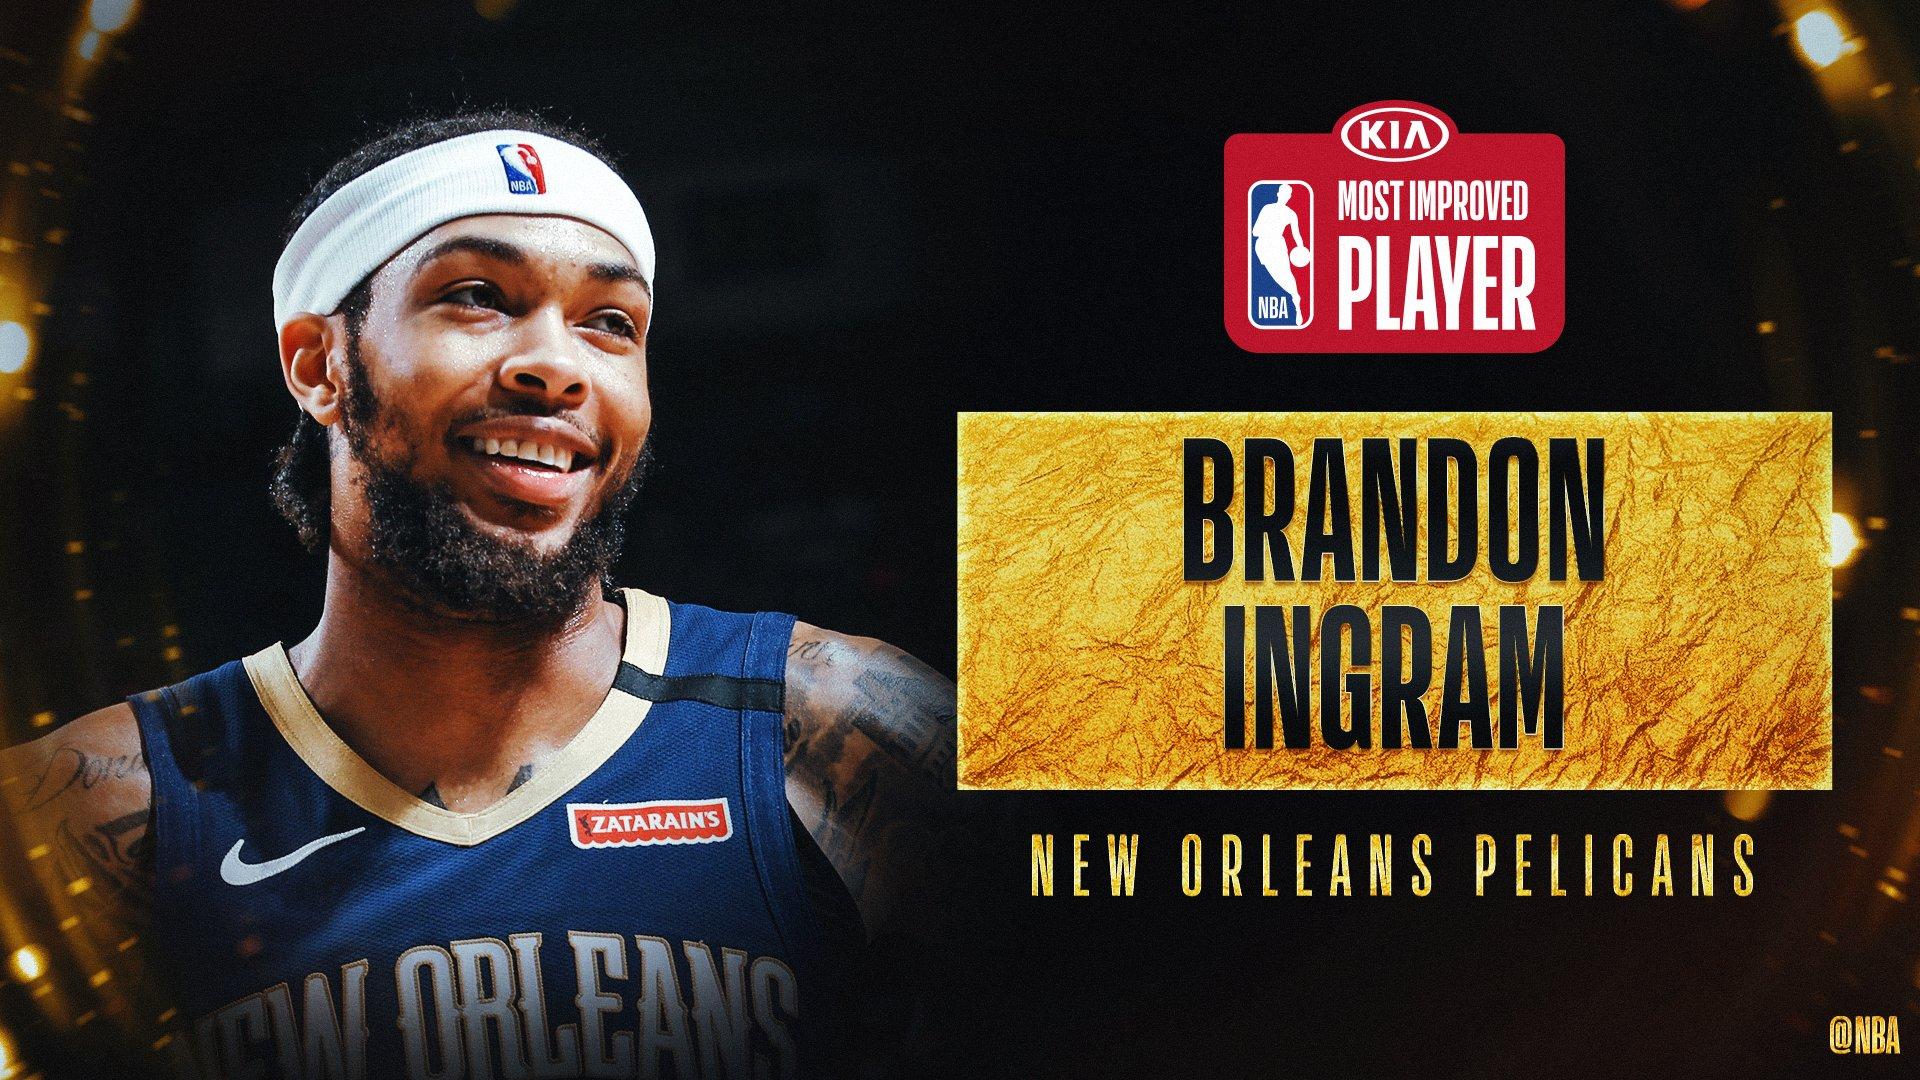 El jugador de los Pelicans se lleva uno de los principales galardones en la temporada